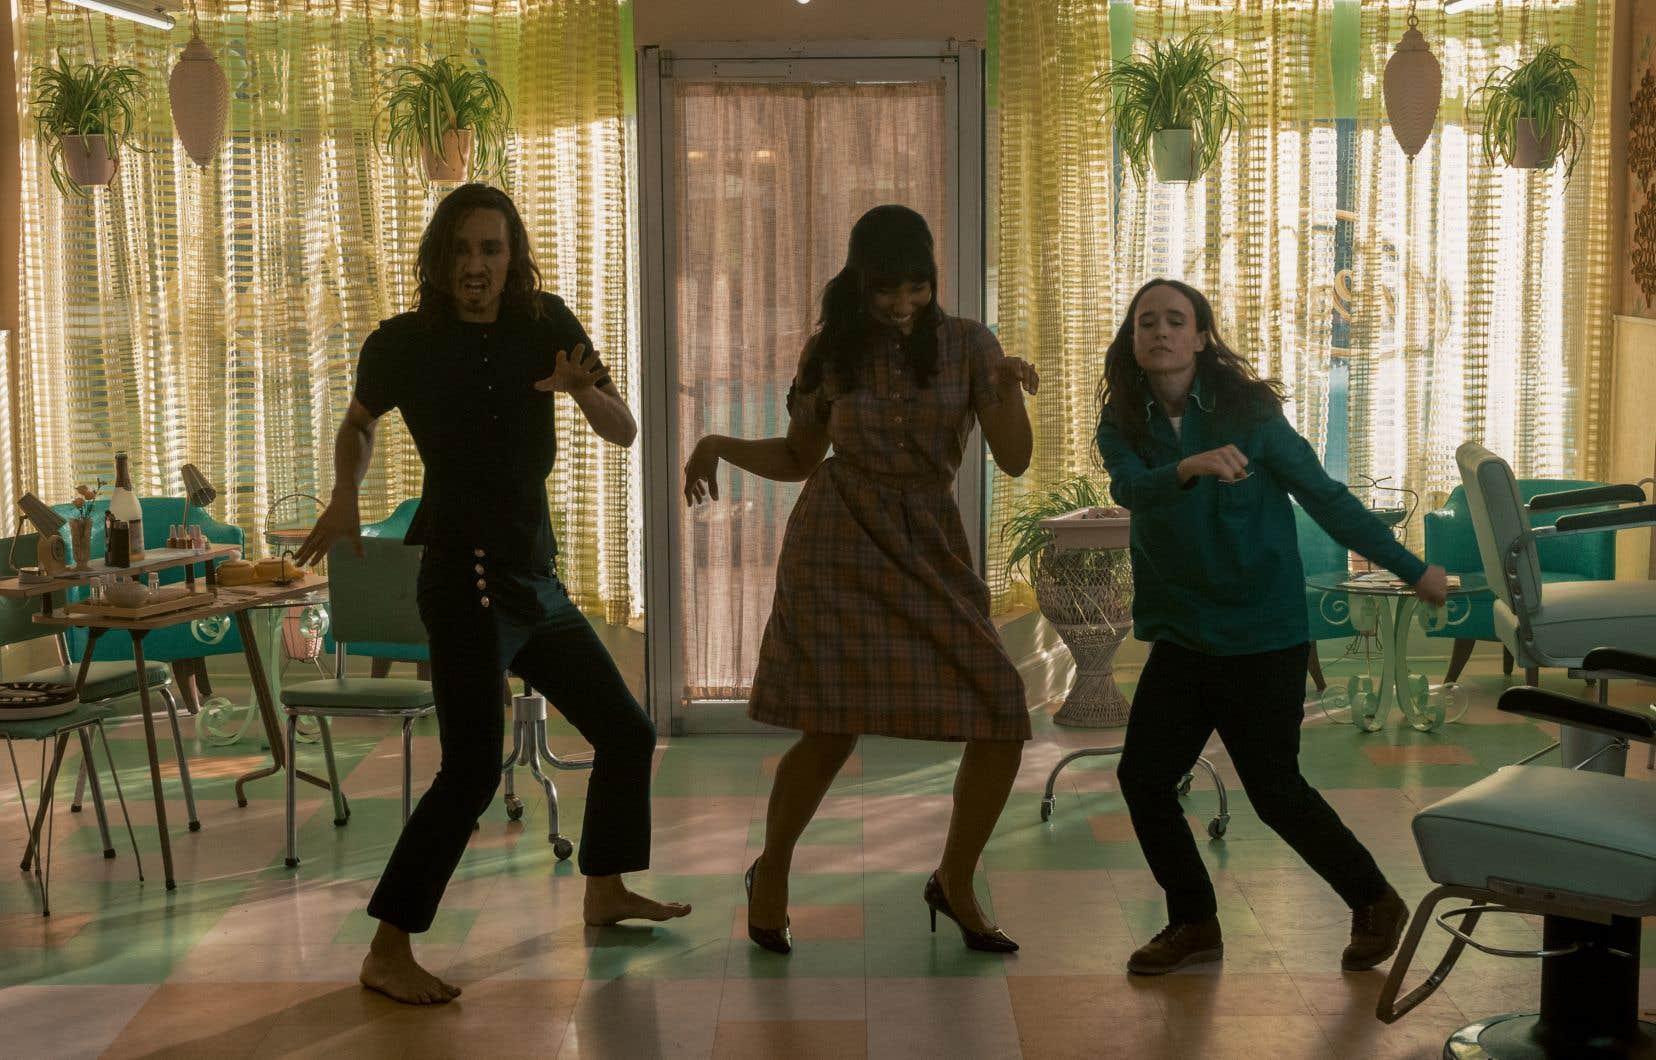 On retrouve les héros Klaus, Allison et Vanya Hargreeves (Robert Sheehan, Emmy Lampman et Ellen Page) dans les années 1960. Les scènes où chorégraphies endiablées et chansons décalées se combinent font partie des plus grands attraits de «Umbrella Academy». Et c'est toujours le cas dans la saison 2.